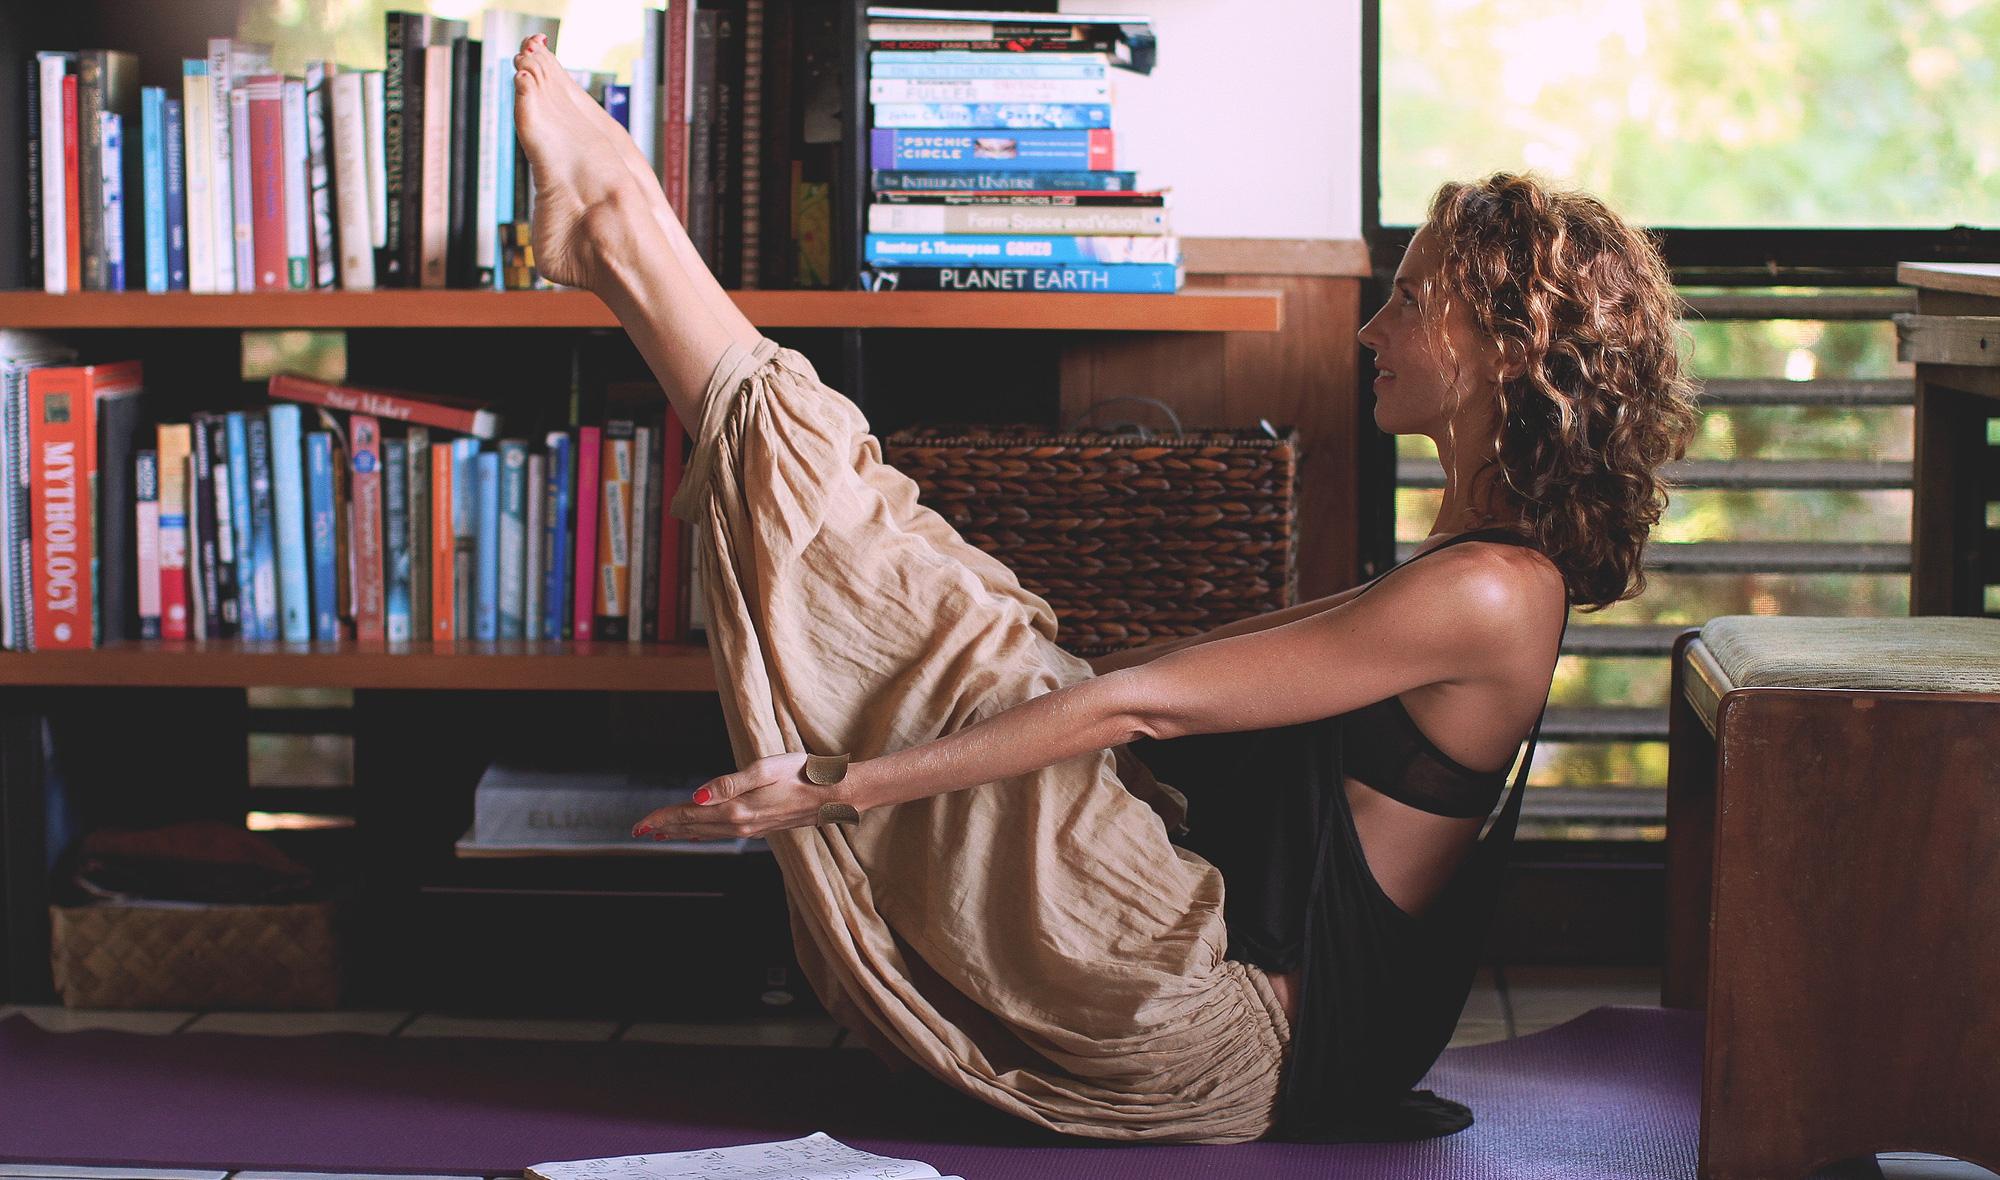 Tuổi dậy thì nên hình thành những thói quen này để chiều cao phát triển nhanh hơn - Ảnh 2.